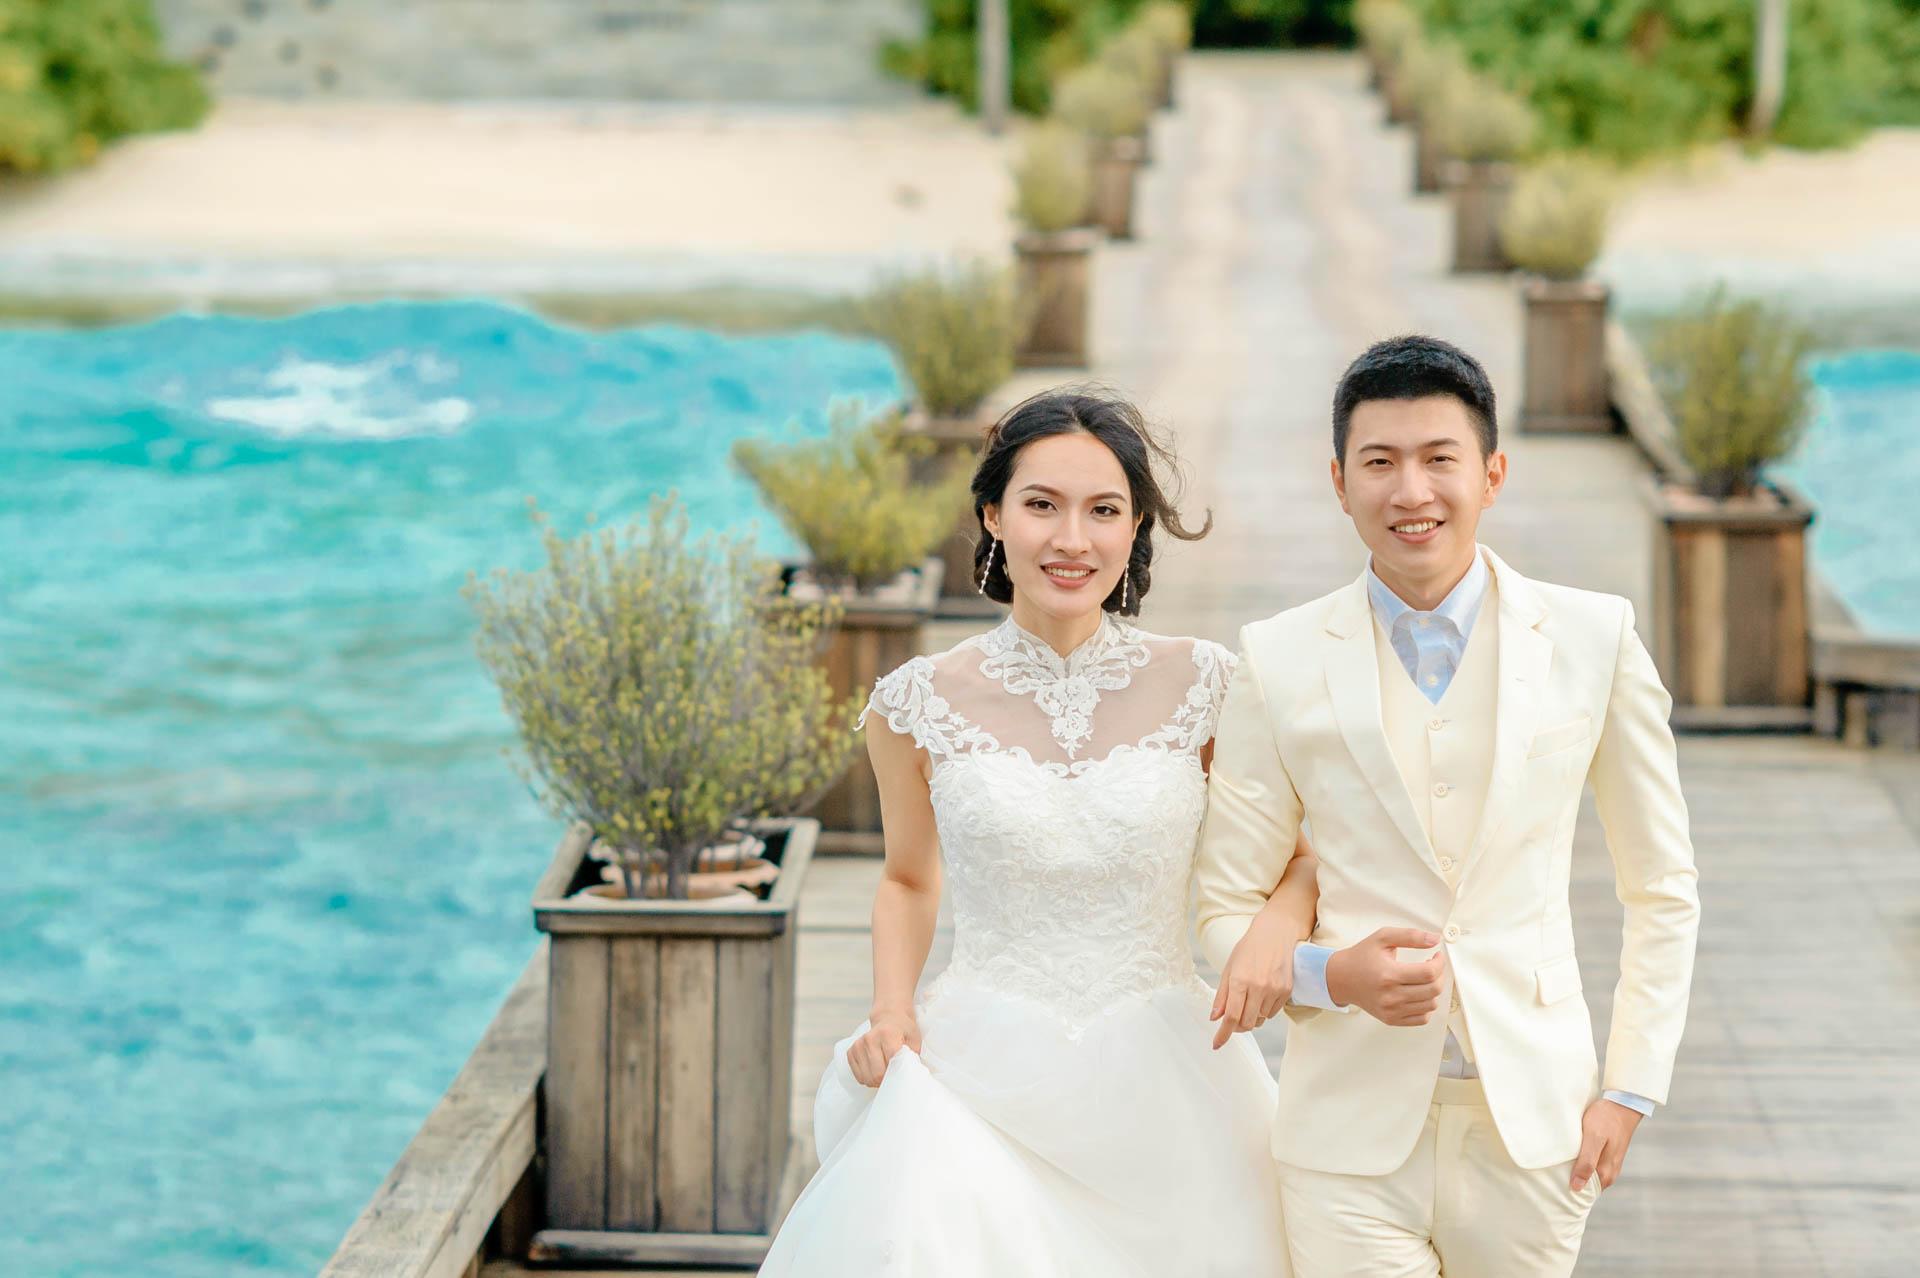 Guanyao Chen Pre Wedding 22